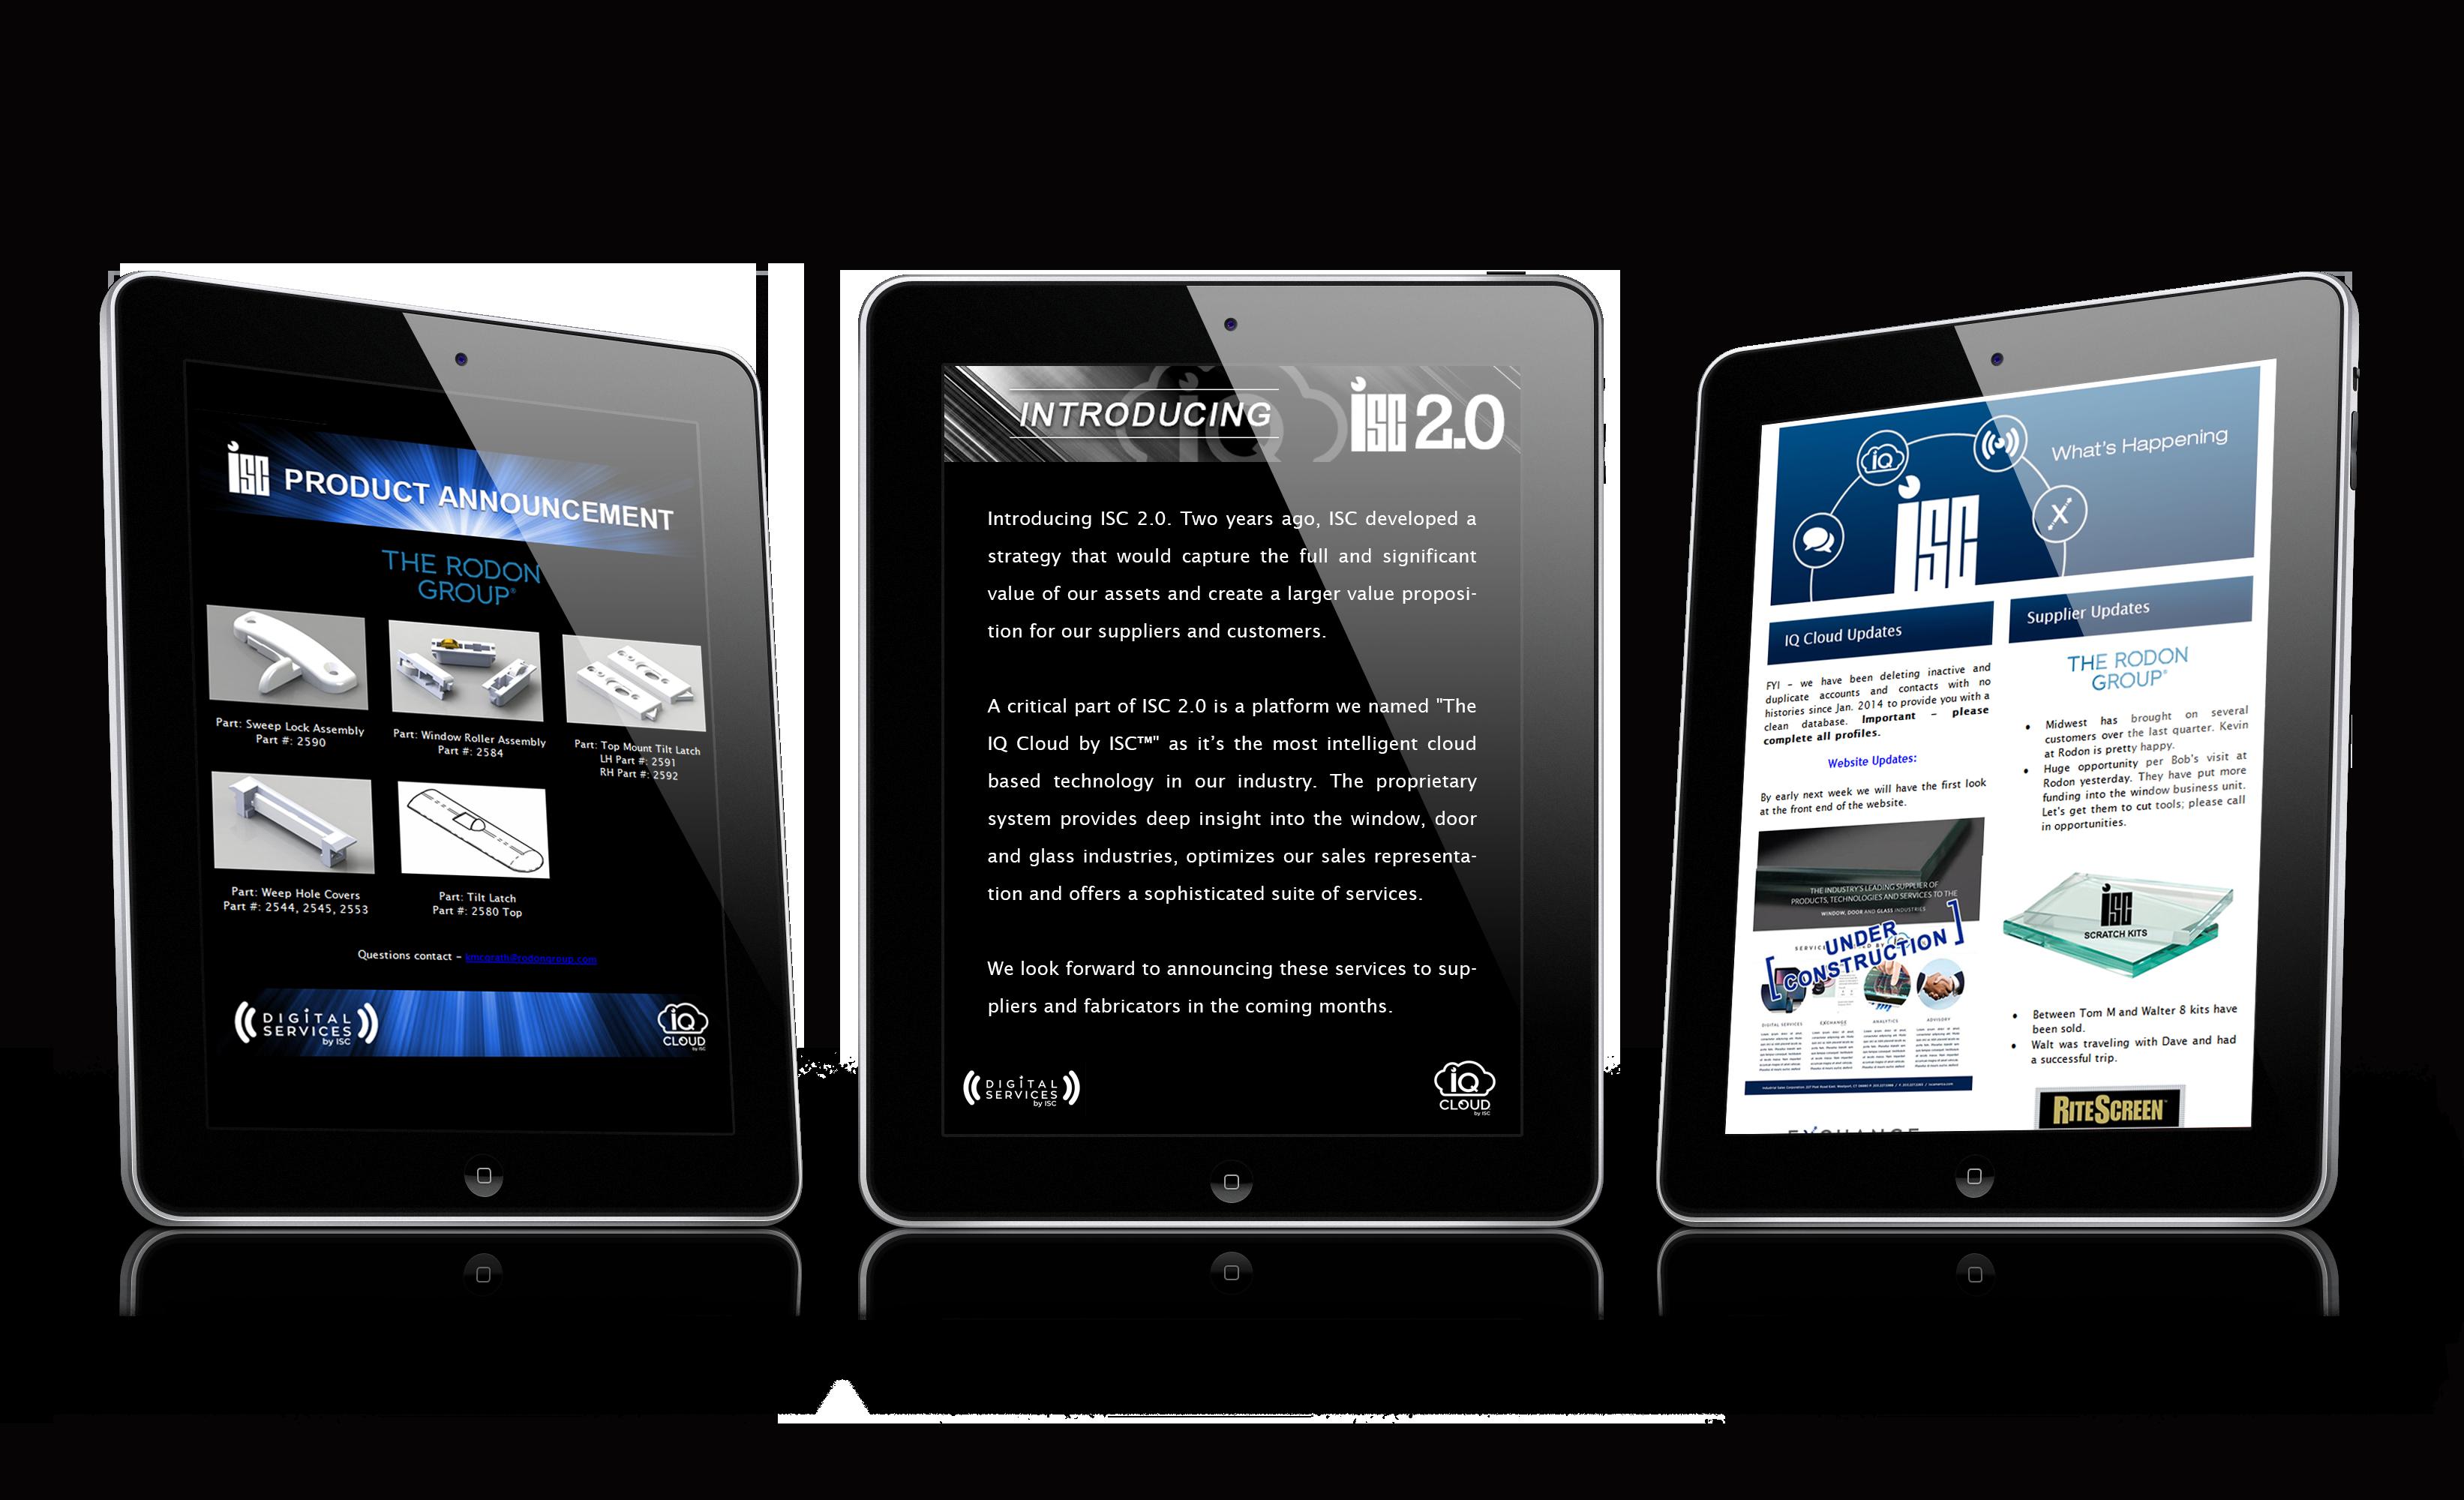 Marketing for Window and Door Industry